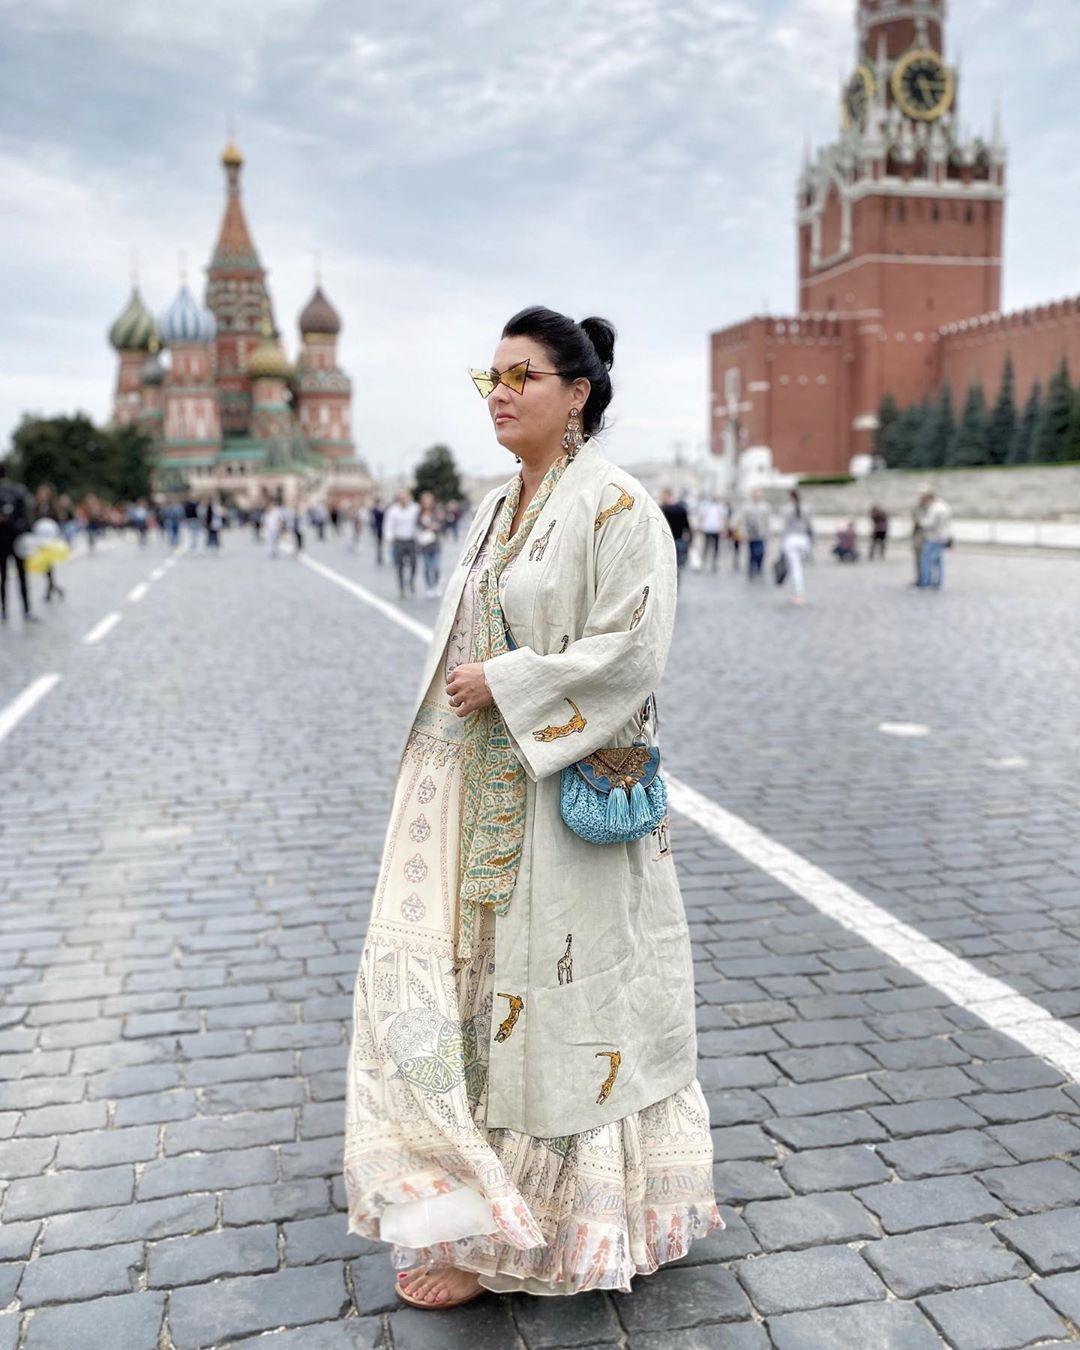 Царица на Красной площади! Анна Нетребко гуляет по столице в ошеломительном наряде